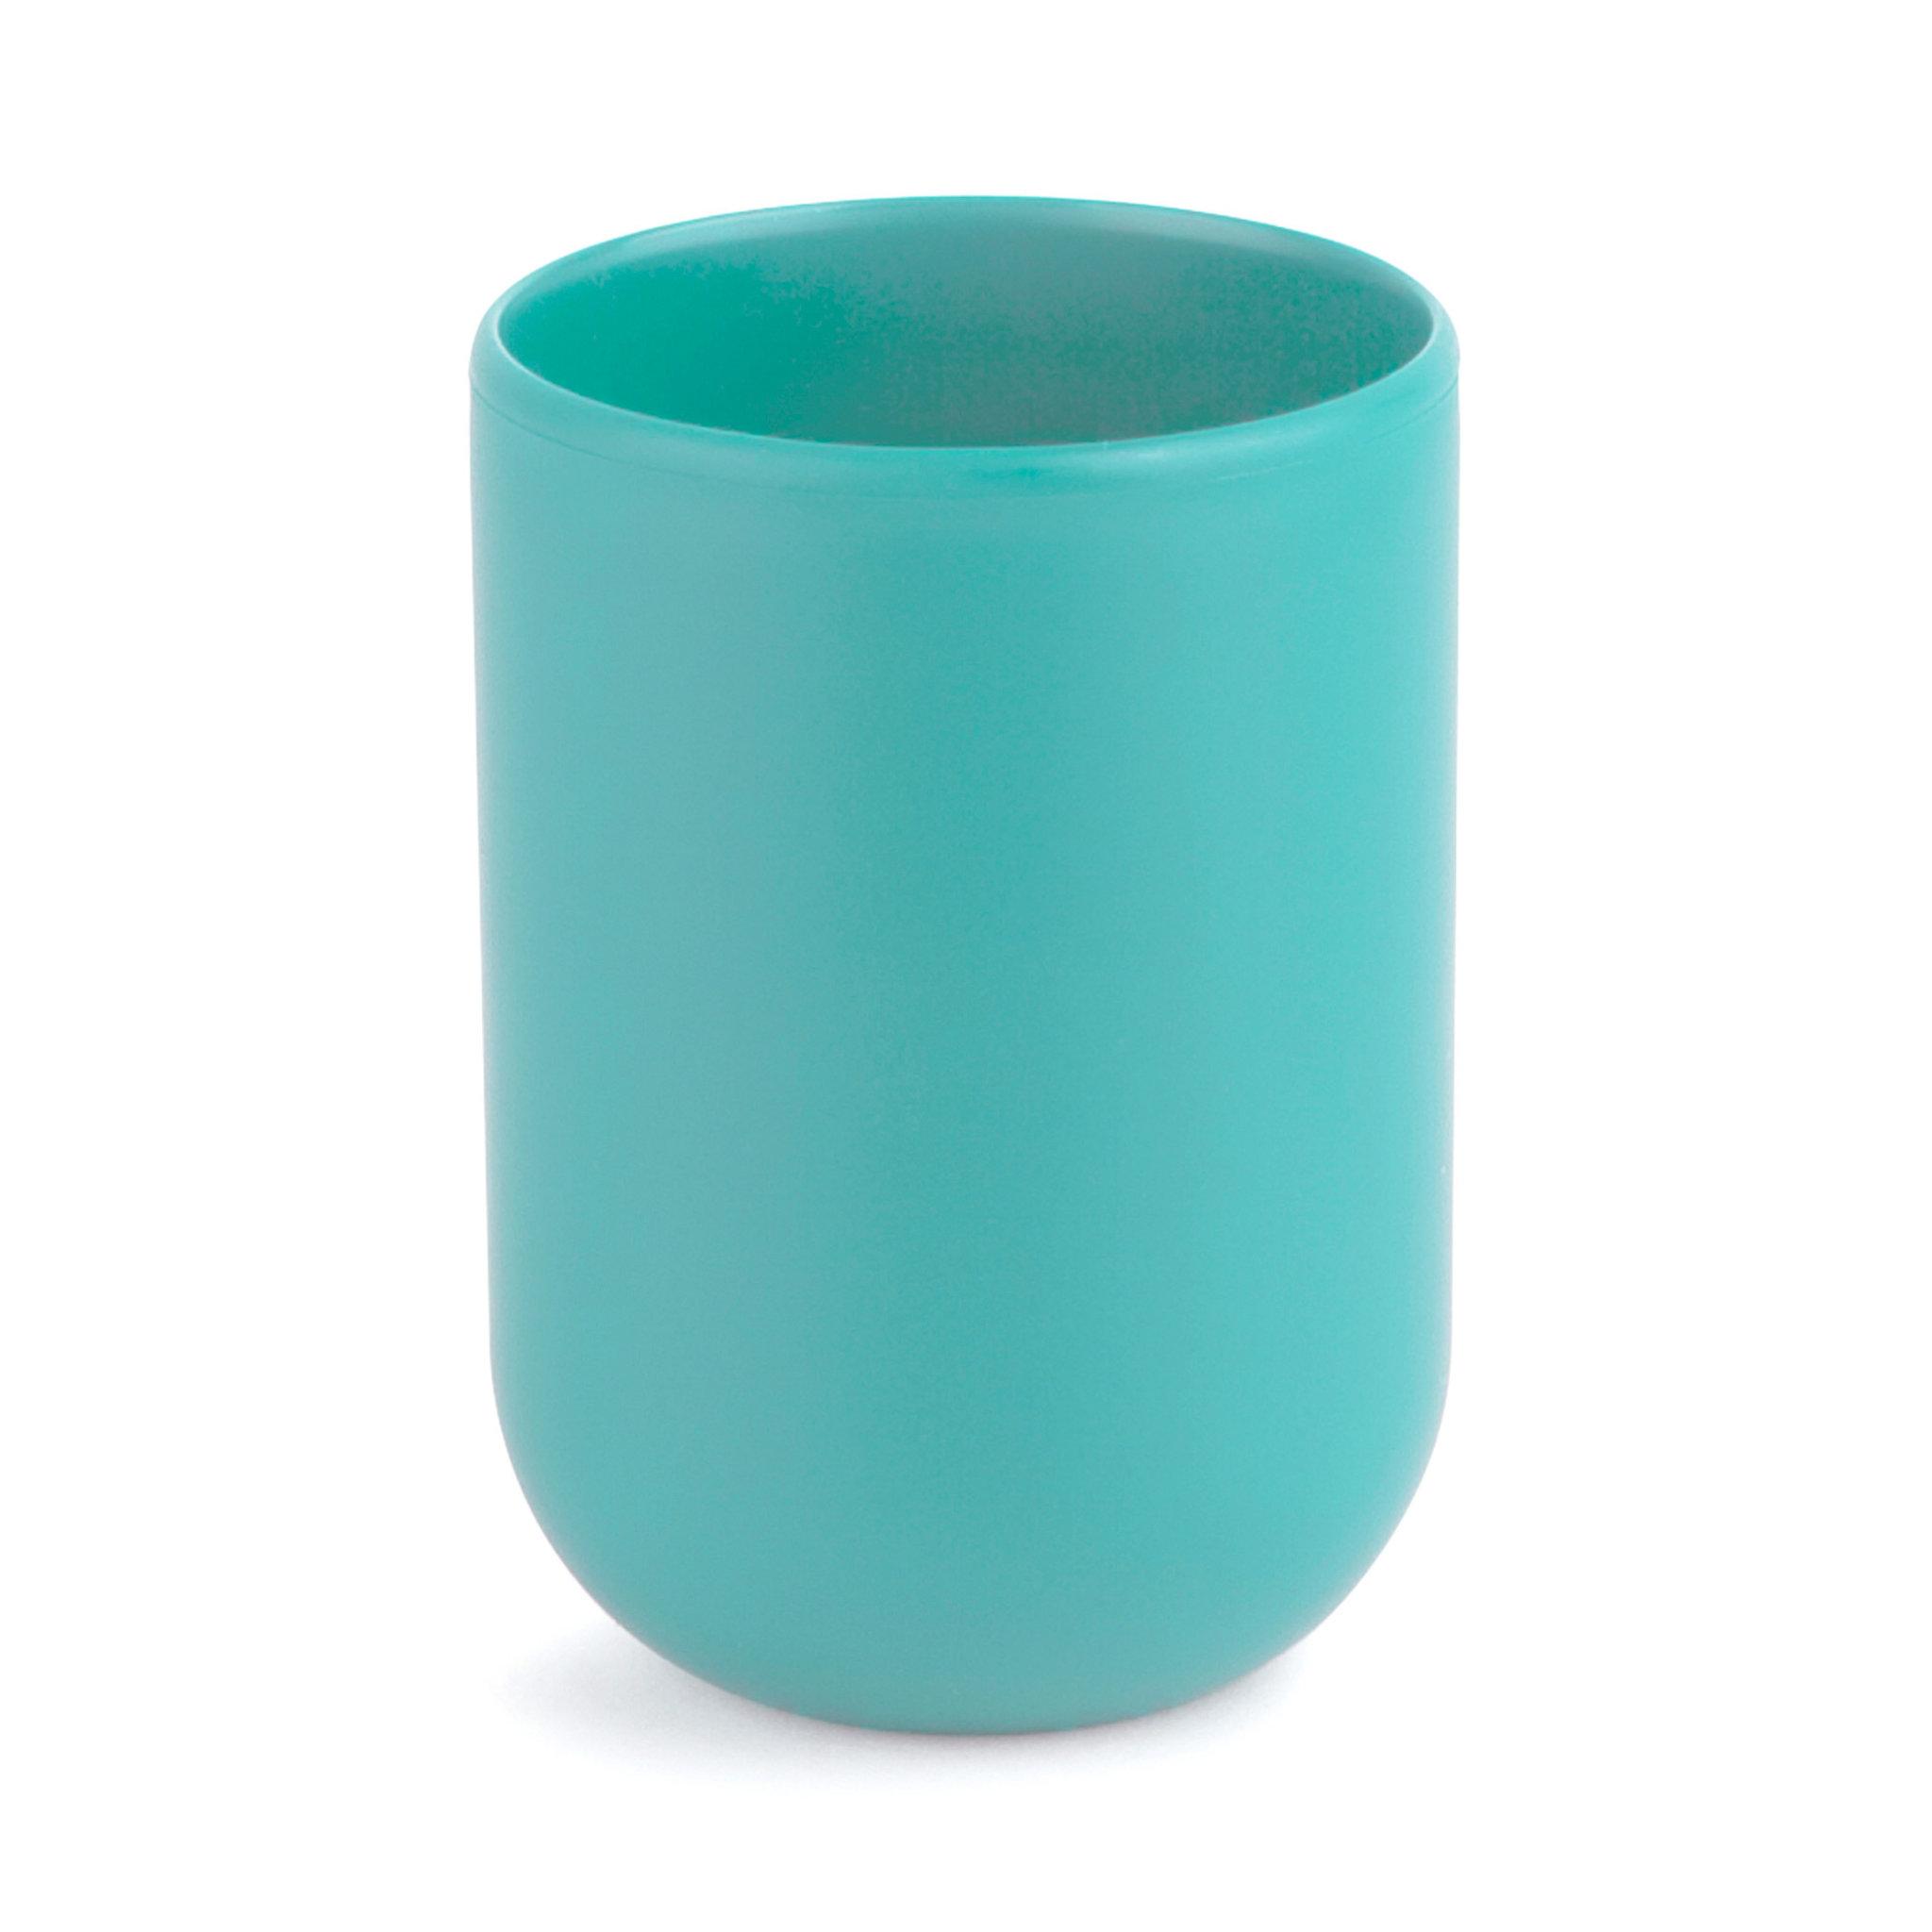 Glas touch   badrumsaccessoarer  köp online på åhlens.se!